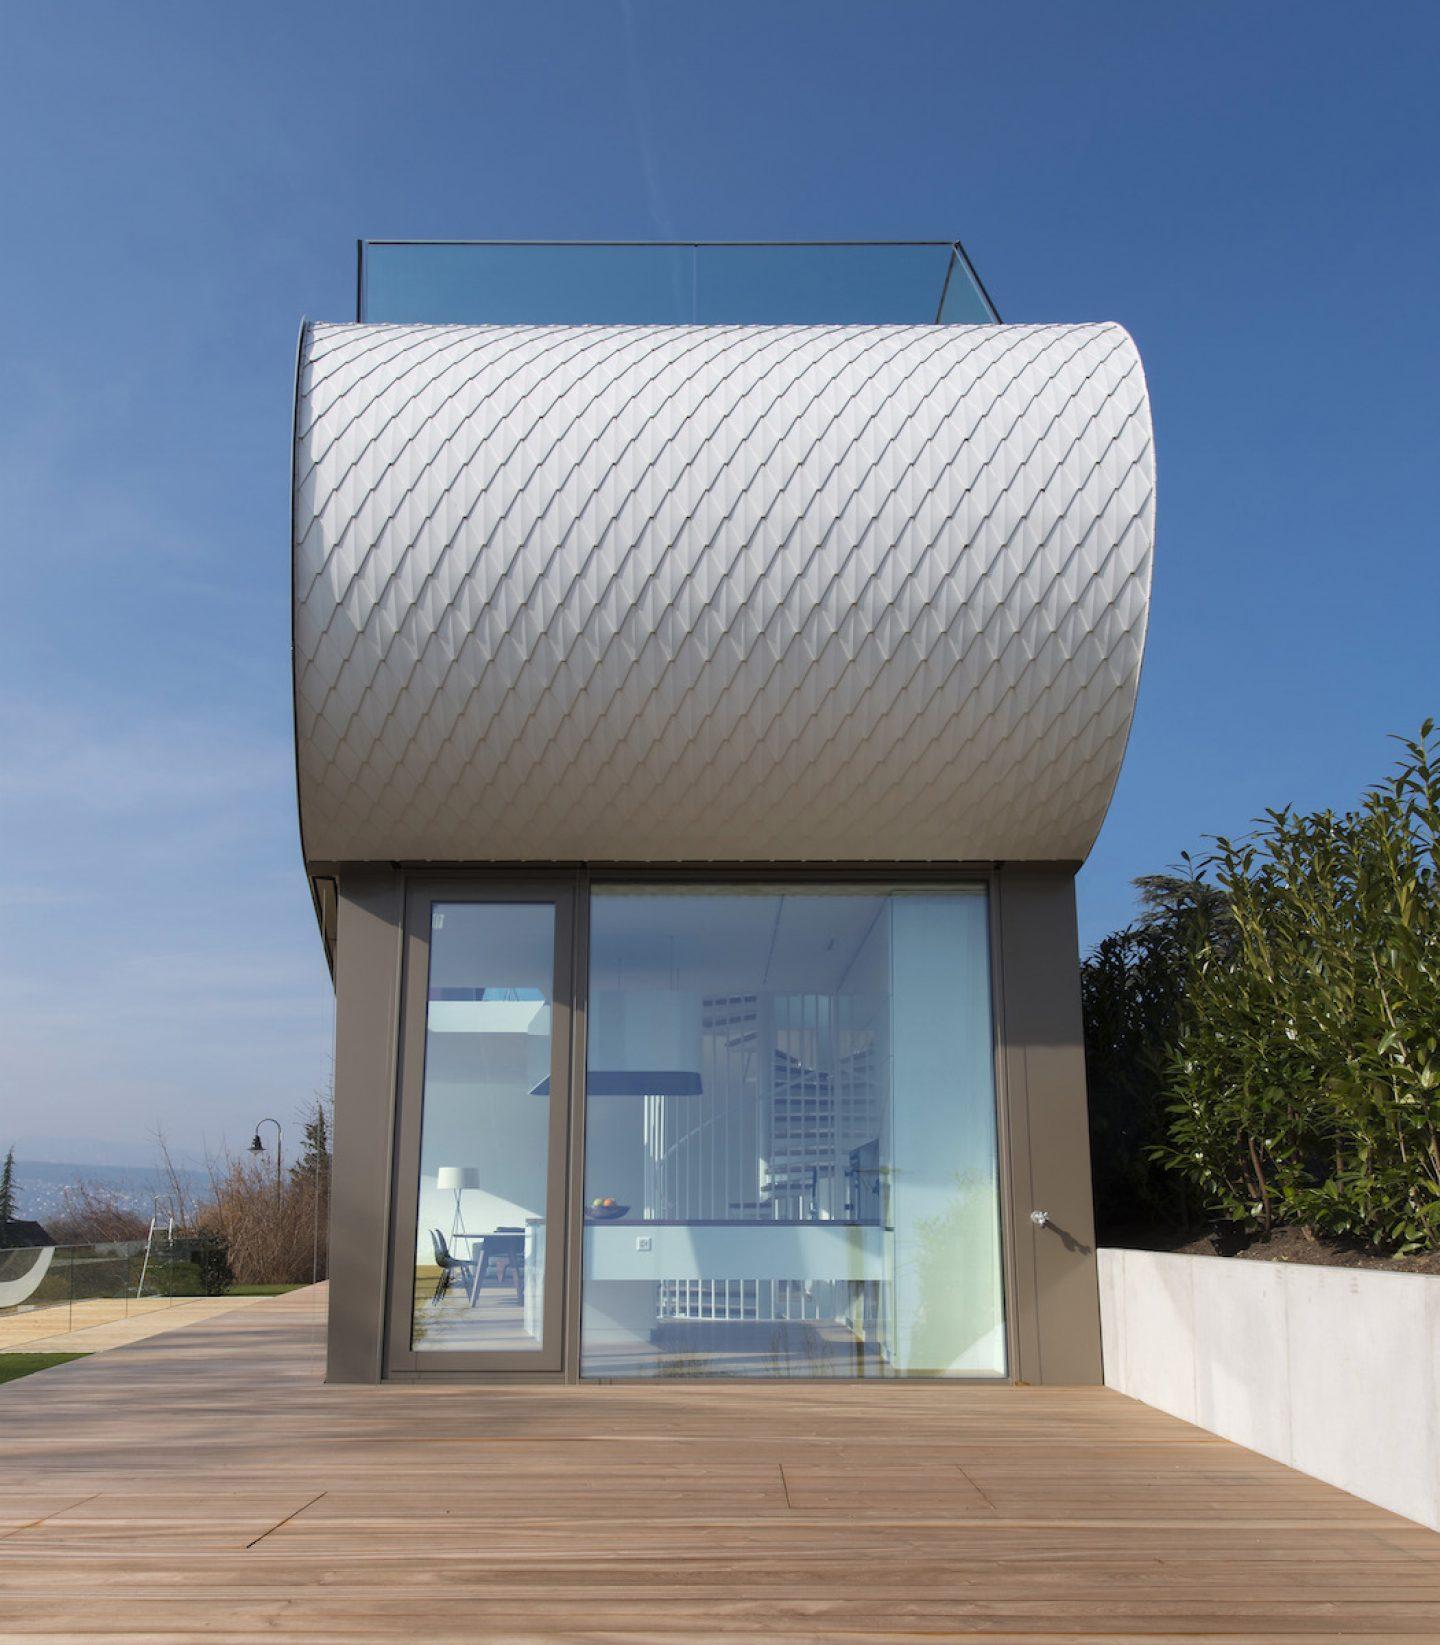 Architecture_Flexhouse_Zurich_Evolution_Design_26